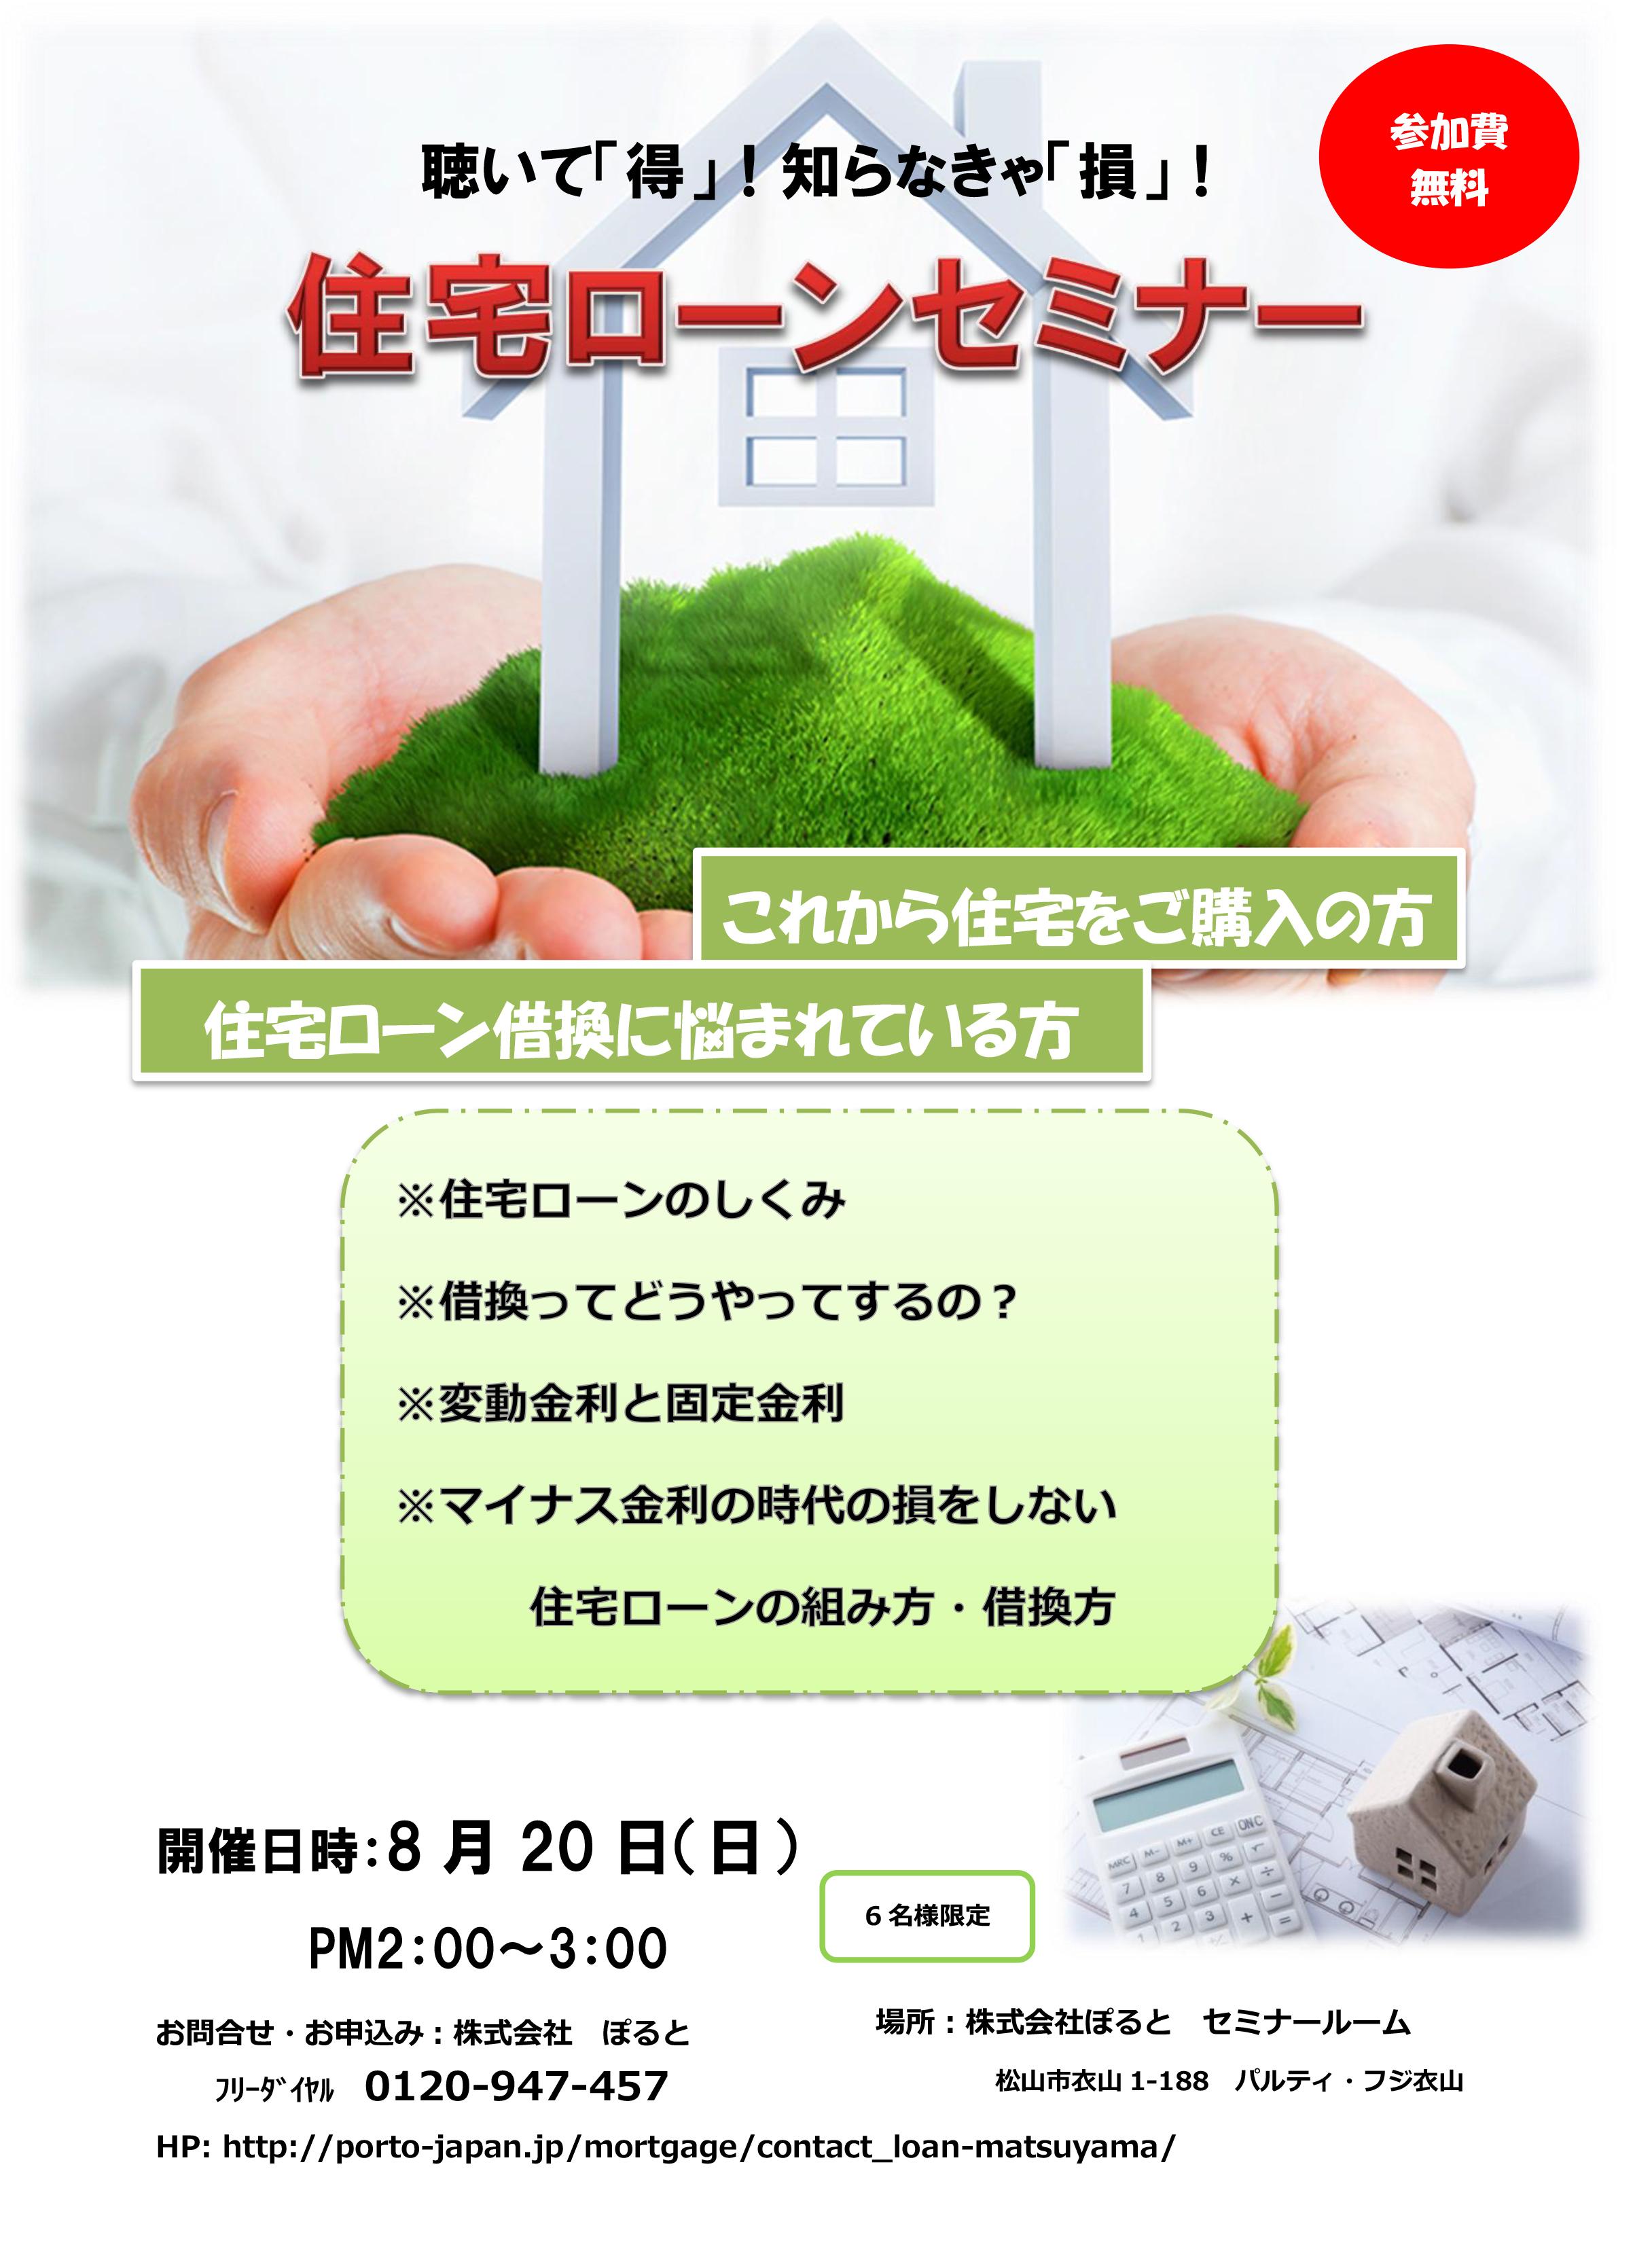 住宅ローンセミナー in松山